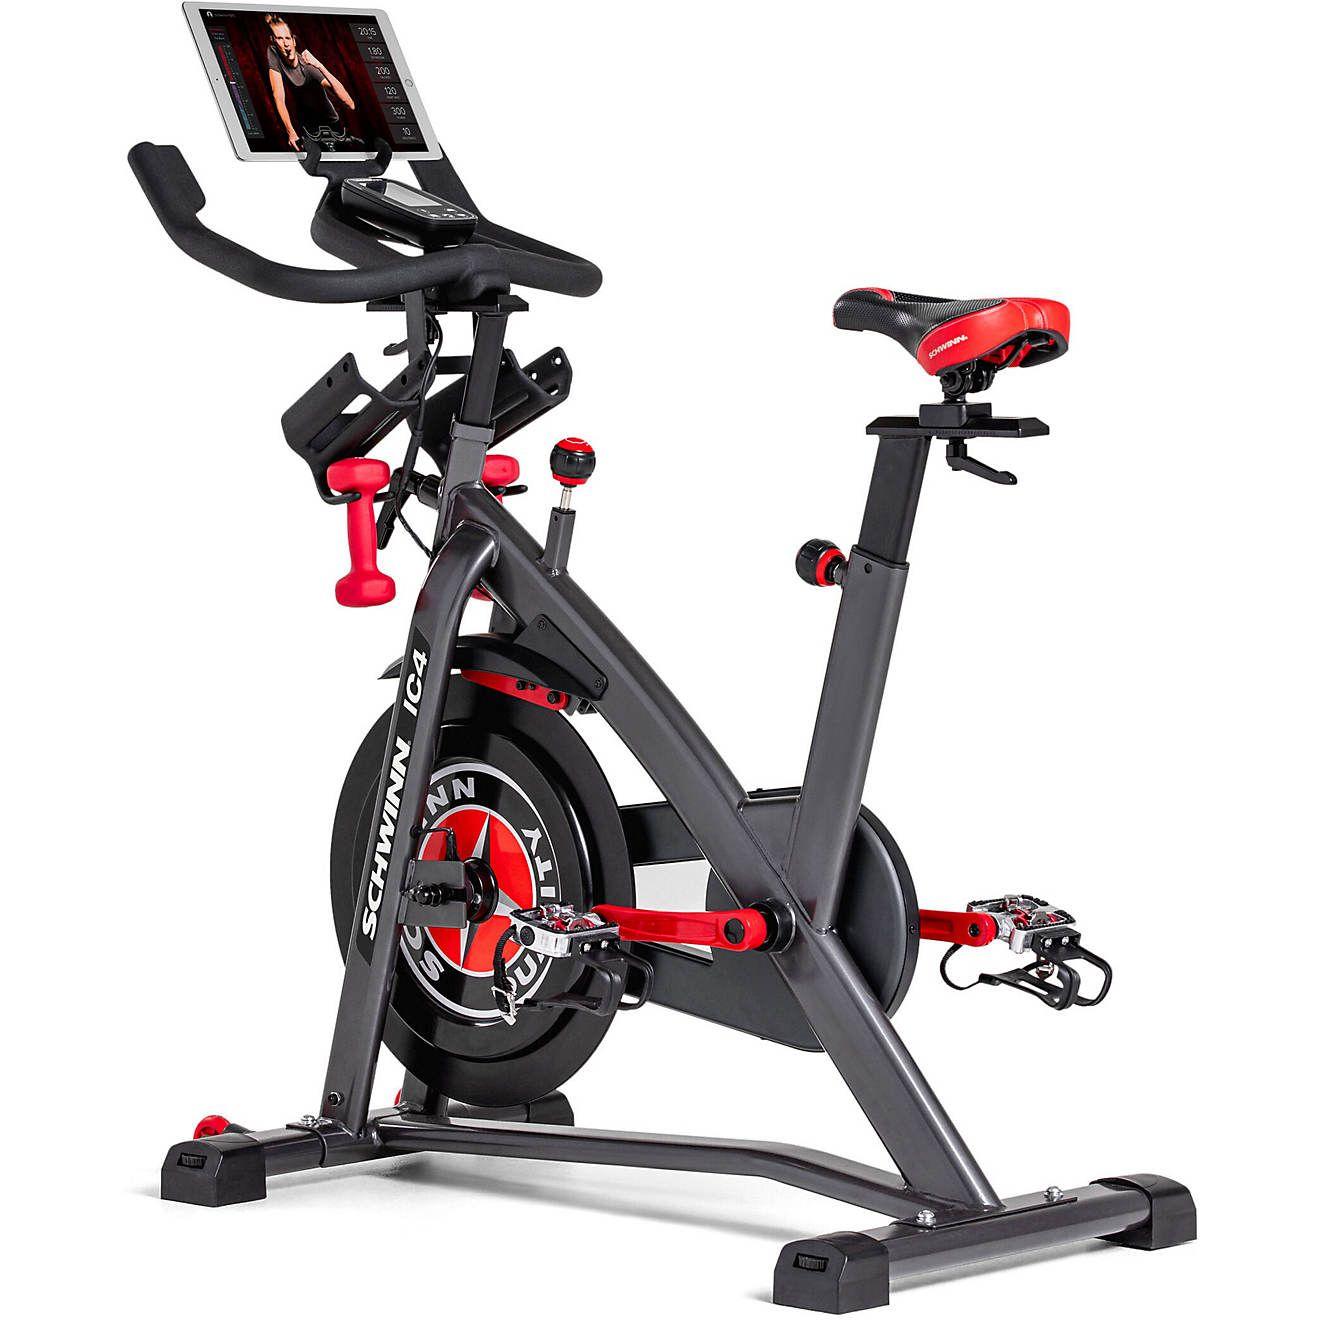 Schwinn Ic4 Indoor Cycling Bike Indoor Cycling Bike Indoor Cycling Indoor Cycling Workouts